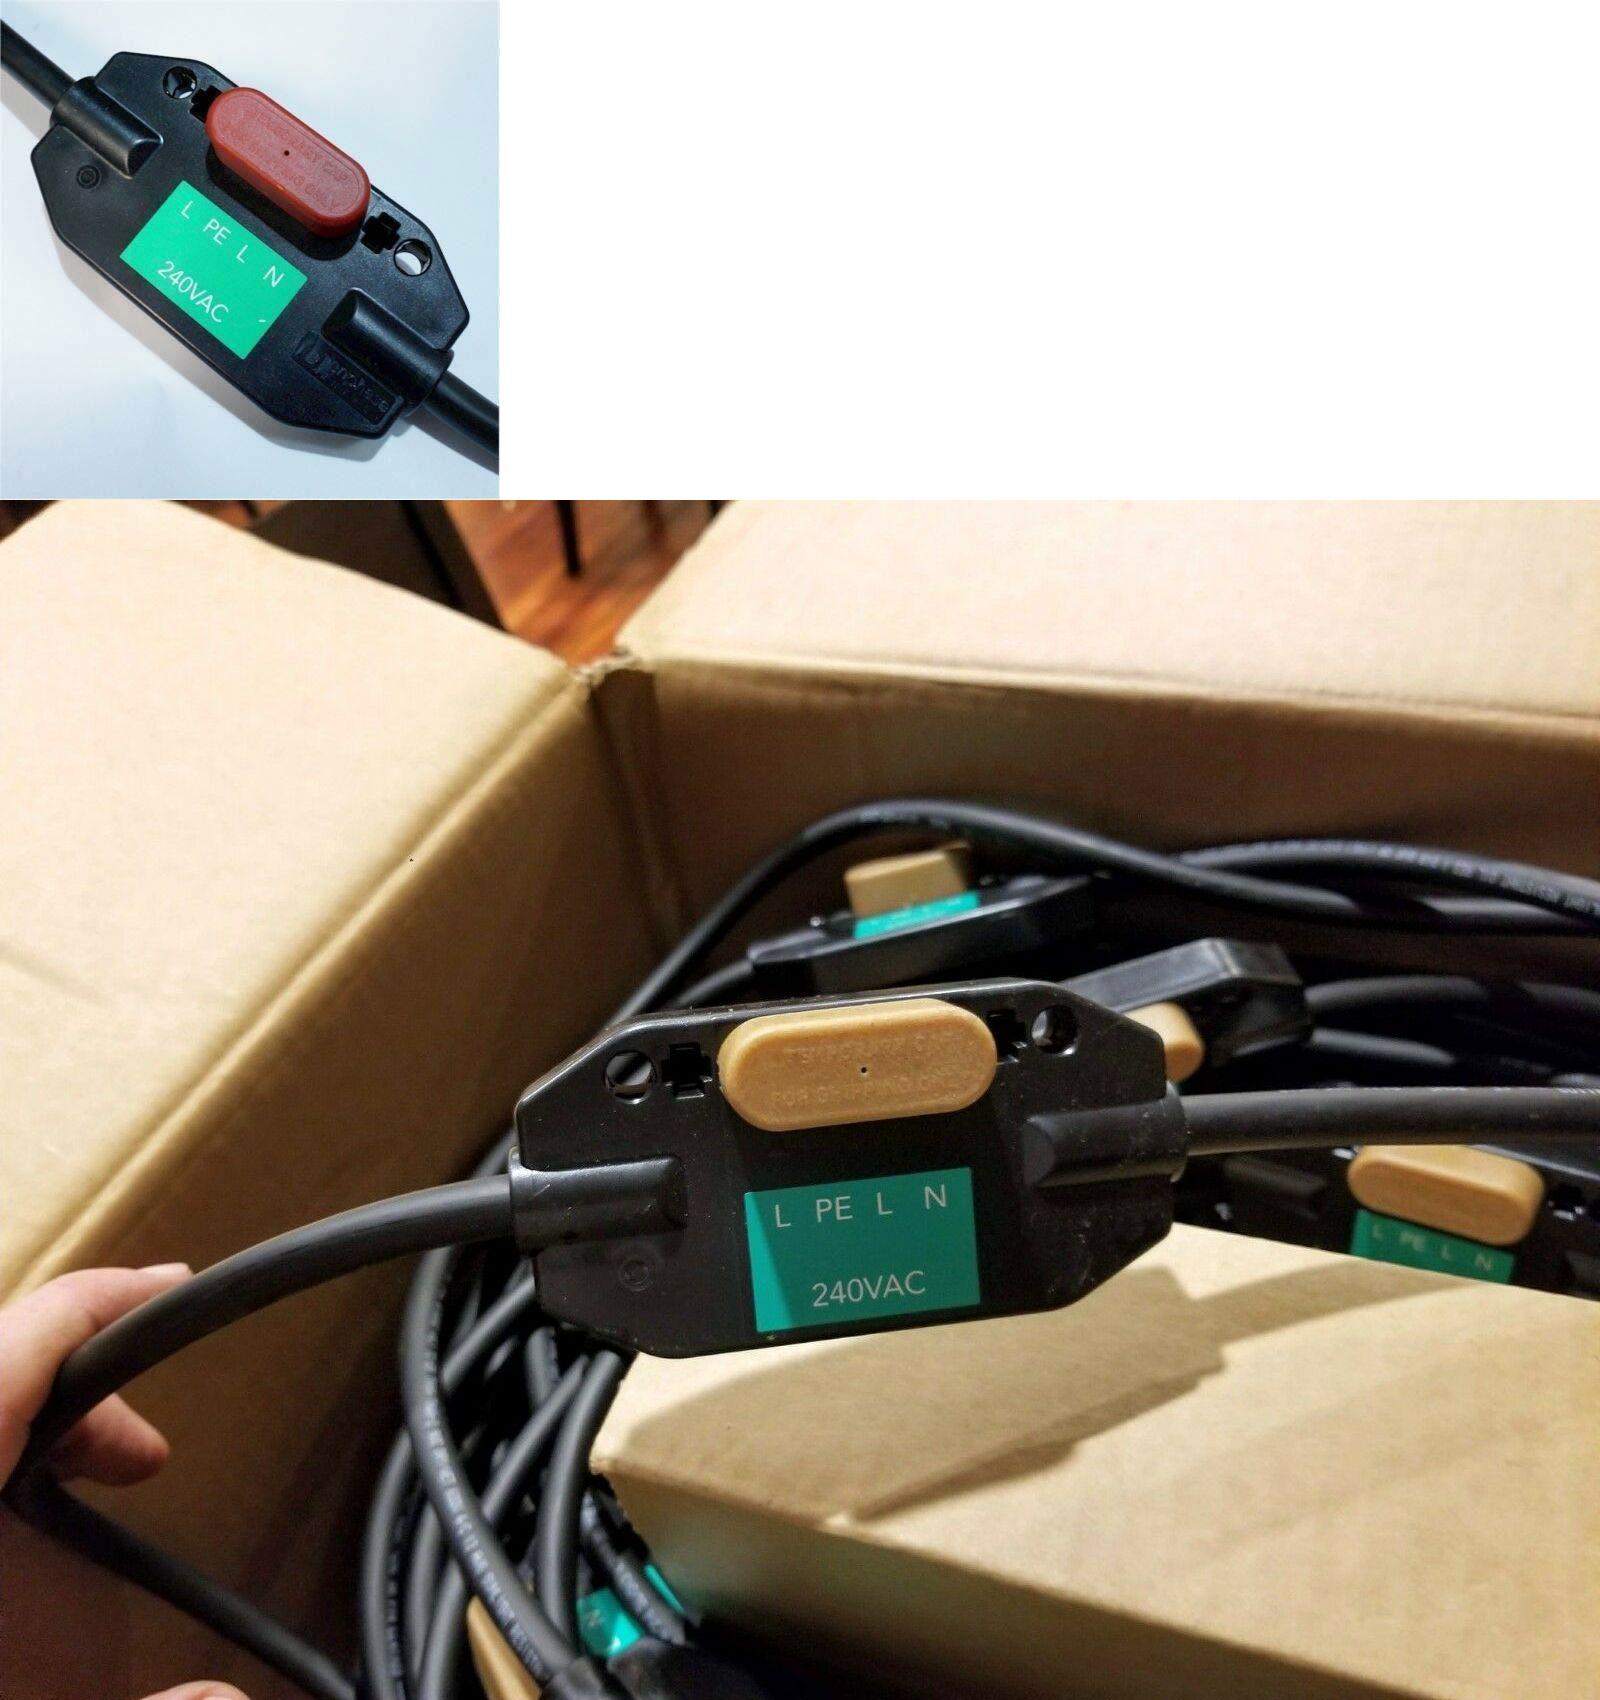 ENPHASE ENGAGE Trunk Cable 240VAC Portrait Drop